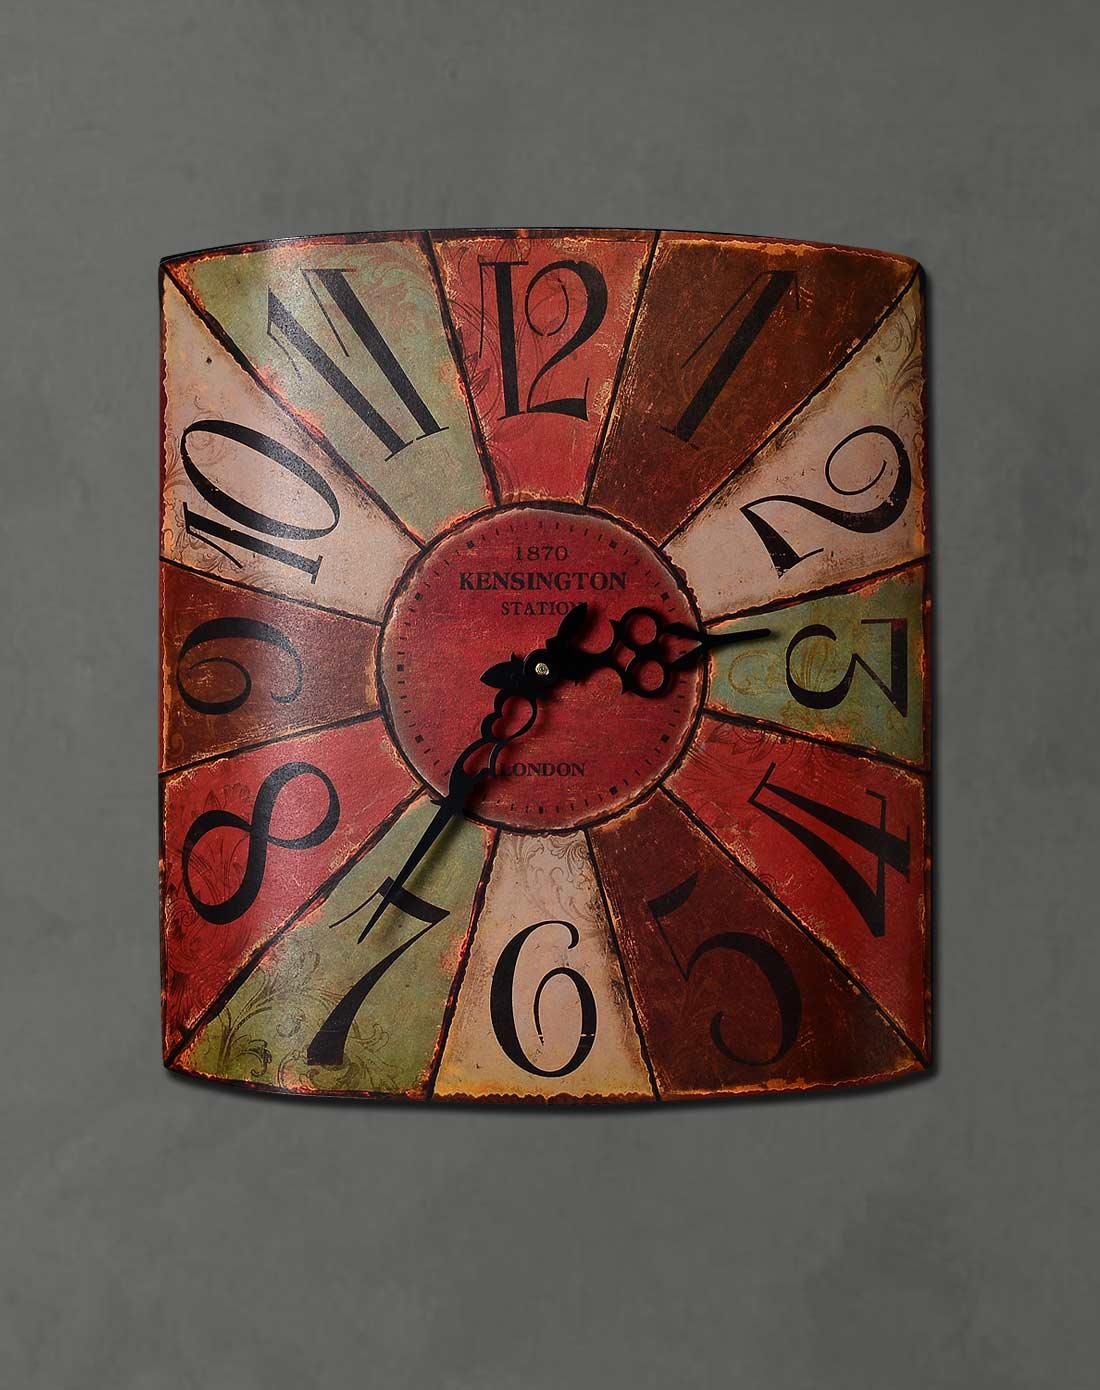 美式墙面装饰挂钟 阿拉伯数字款方形铁皮挂钟图片